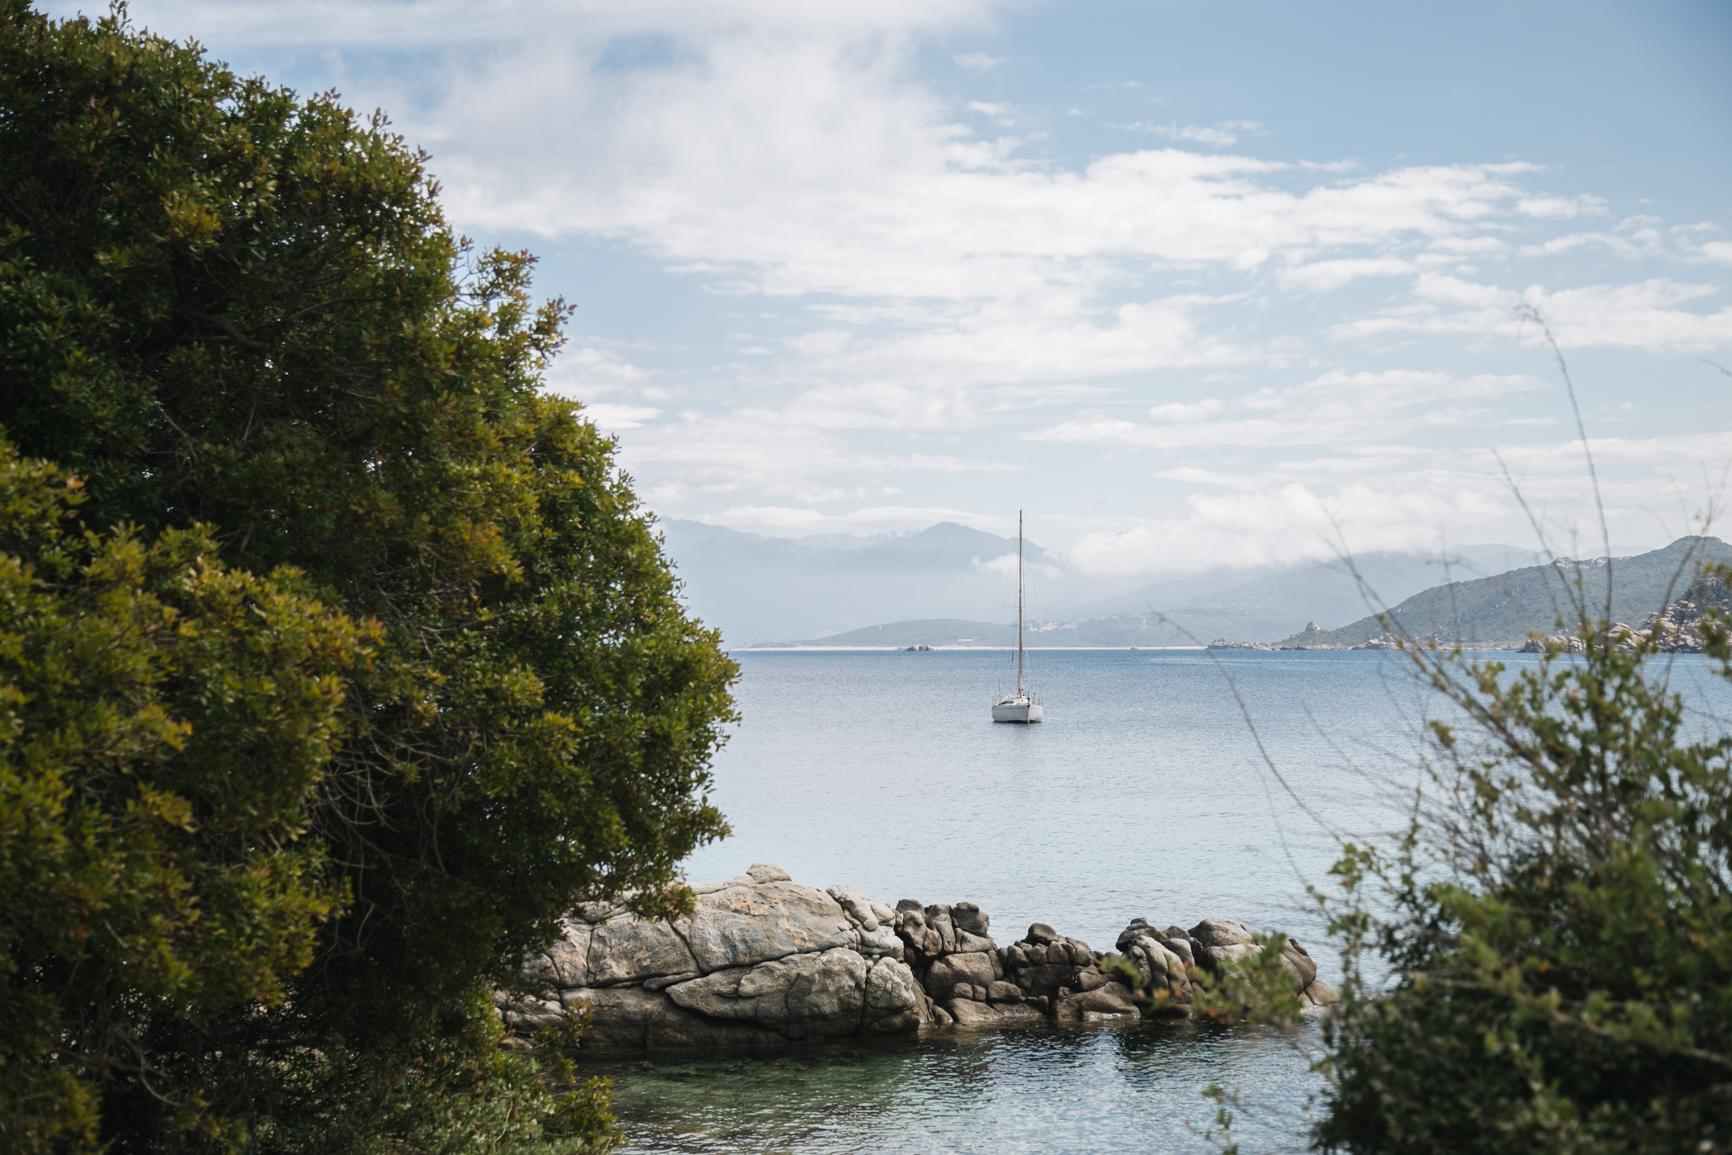 Campomoro-sentier-littoral-blog-voyage-corse-onmyway-1.jpg